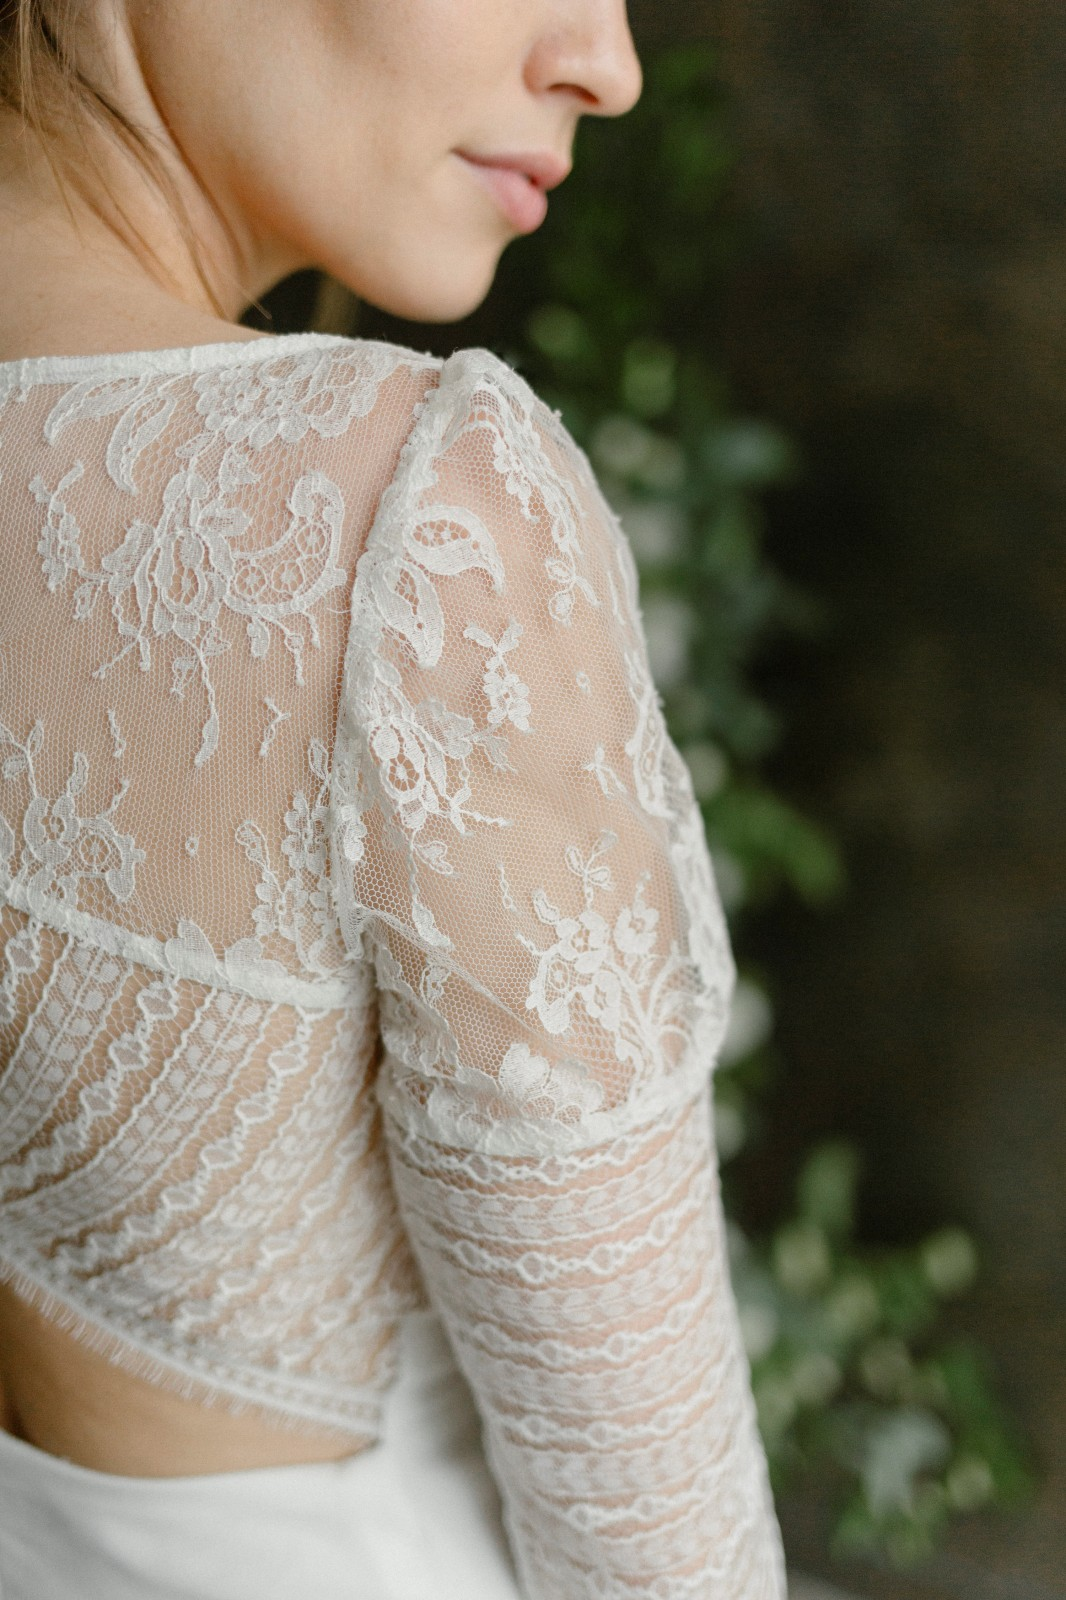 Voici une robe réalisée de façon ecoresponsable près de Nantes.